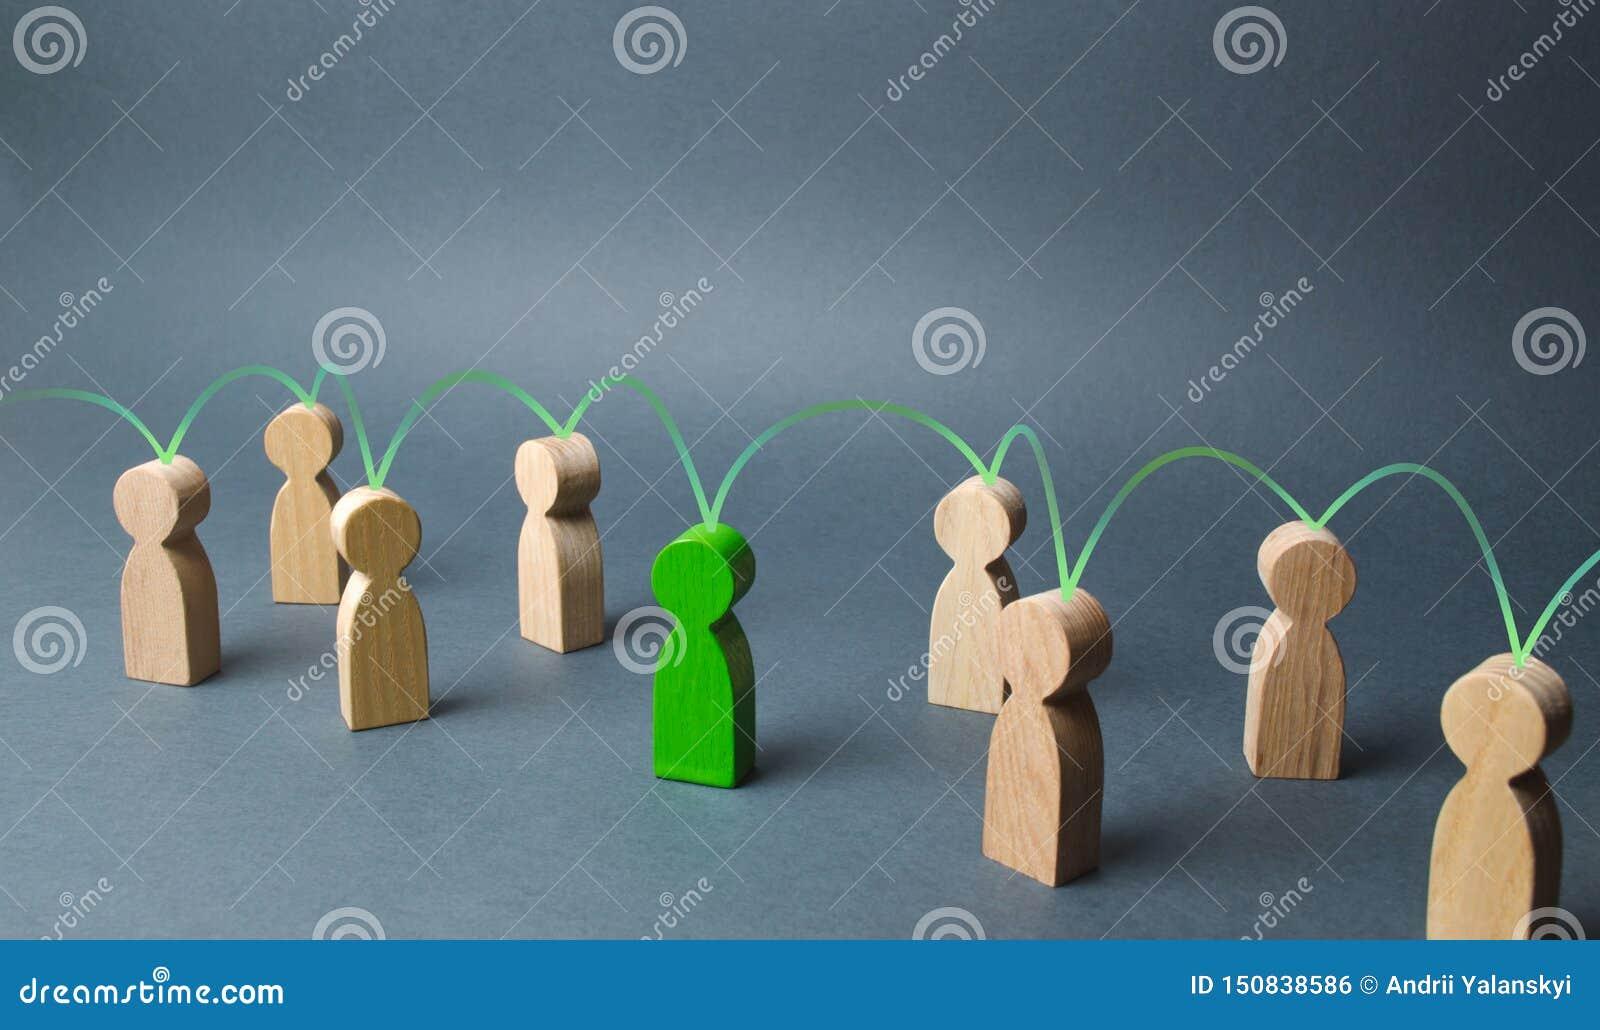 Het groene cijfer van een persoon verenigt andere mensen rond hem Sociale verbindingen, mededeling organisatie Vraag naar samenwe